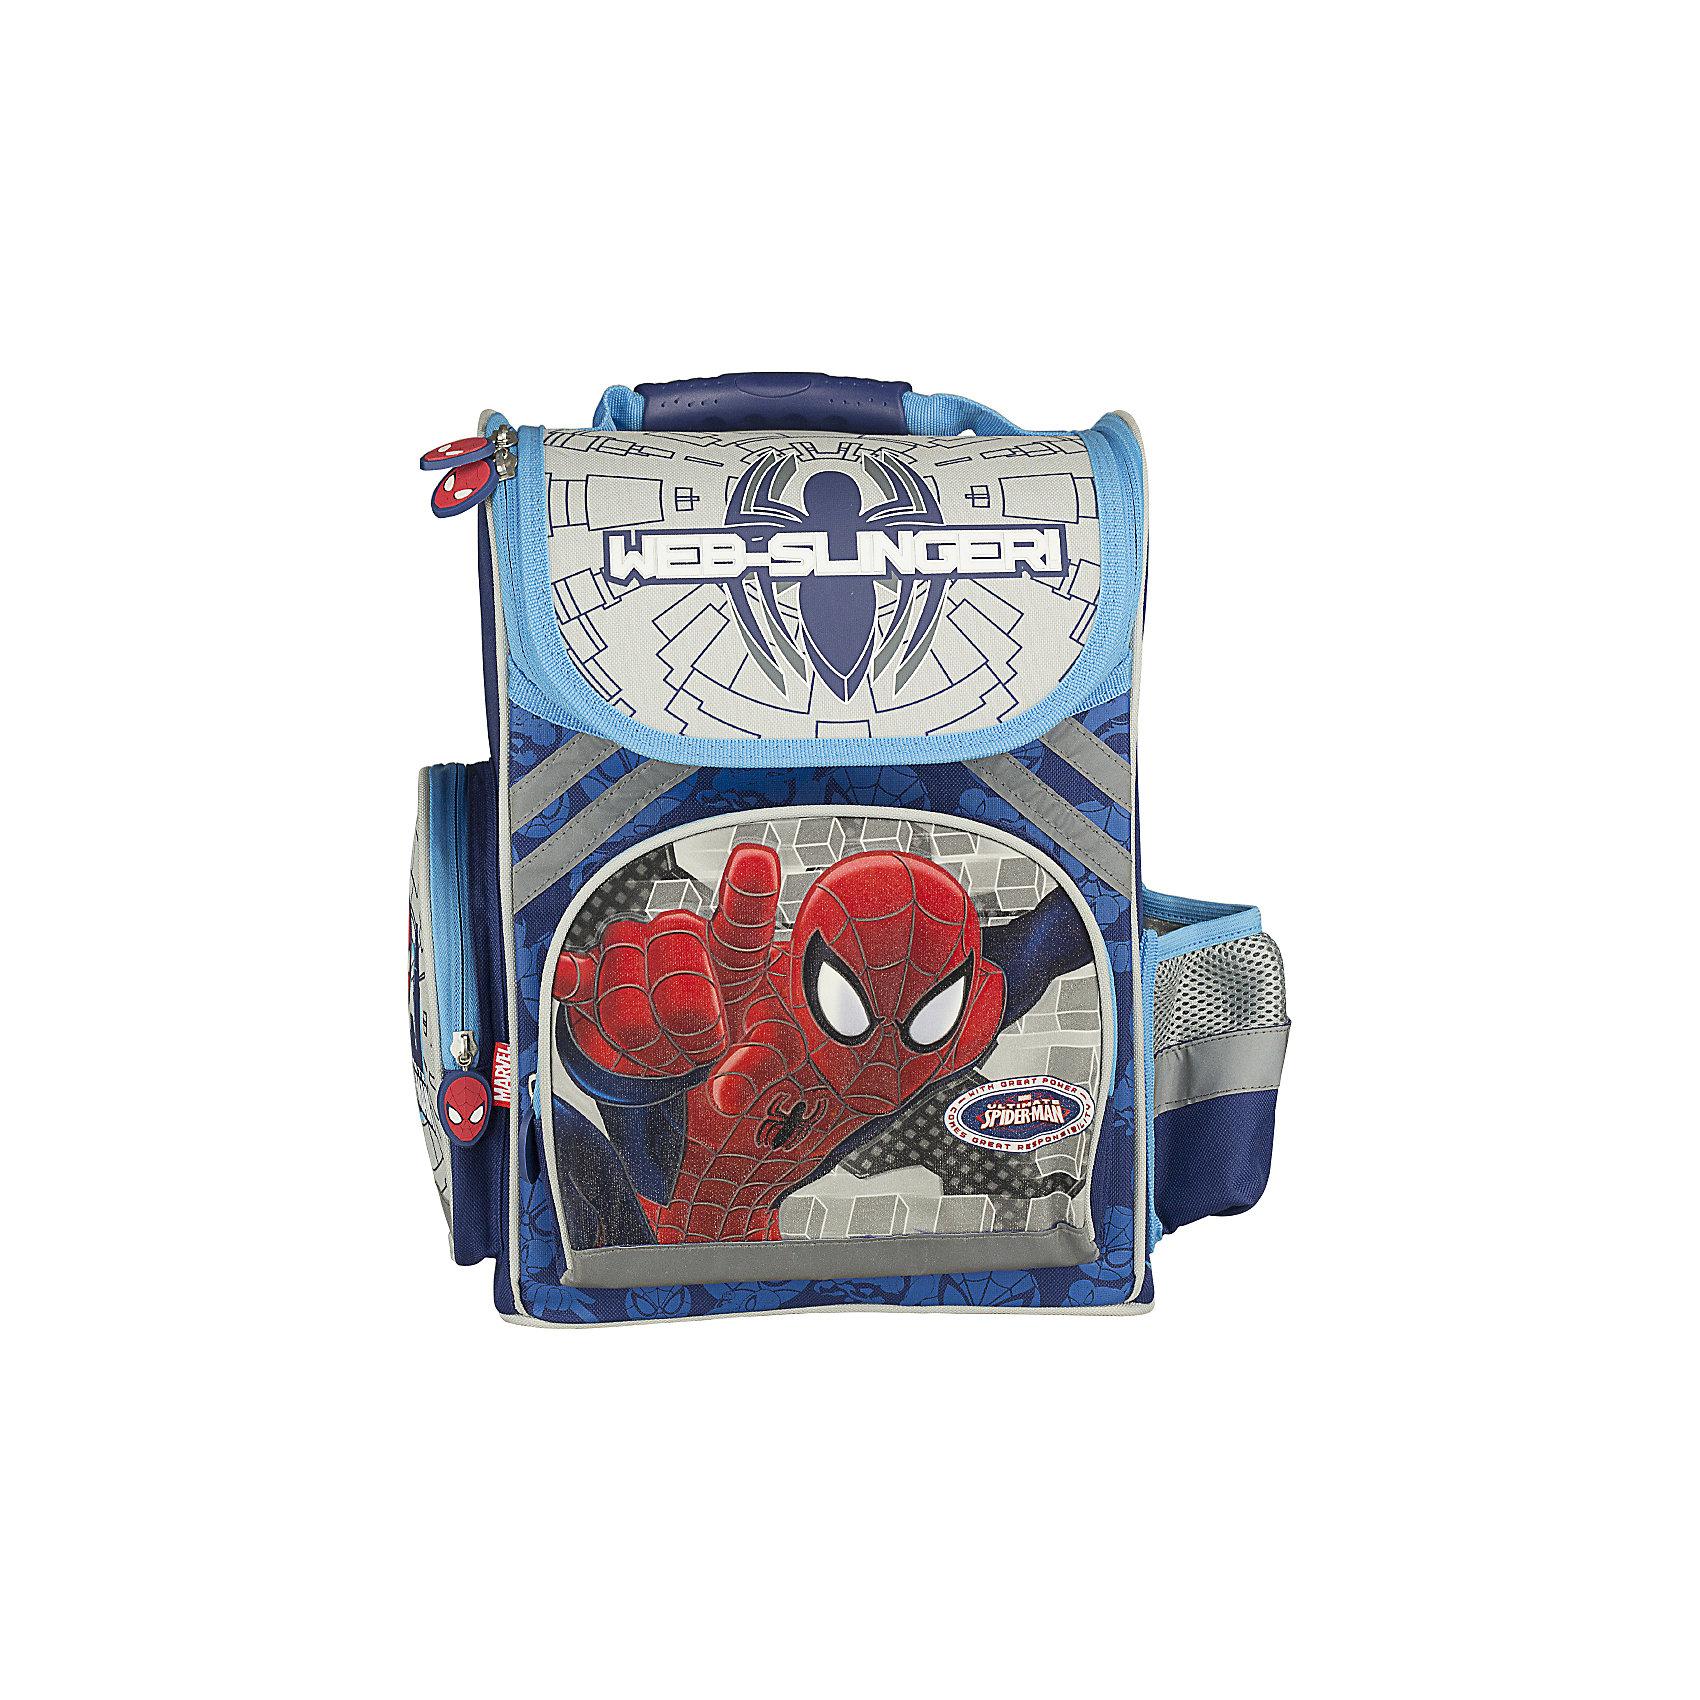 Эргономичный рюкзак, Человек-ПаукРюкзак эргономичный  Spider Man рекомендован детям от 7 лет и старше. Особенно привлекательным этот товар покажется родителям первоклассников. На рюкзаке изображен любимый герой всех мальчиков - Spider-man (Человек-паук). Легкость, безопасность, вместительность, стиль - вот главные характеристики этого рюкзака.   Лямки широкие. Их можно регулировать в зависимости от роста ребенка. Внутри имеются 2 вертикальные вставки, которые делят пространство рюкзака на несколько секторов. Сверху расположена большая ручка для переноски. У рюкзака есть большой фронтальный карман на молнии и два небольших боковых закрывающихся отделения. Для безопасности ребенка на дороге предусмотрены светоотражающие элементы.<br><br>Дополнительная информация:<br><br>- размер: 38х36х16 см.<br>- материал: полиэстер<br>- вес: 1011 г<br><br>Рюкзак эргономичный с EVA-спинкой Spider Man можно купить в нашем магазине.<br><br>Ширина мм: 350<br>Глубина мм: 265<br>Высота мм: 130<br>Вес г: 1011<br>Возраст от месяцев: 48<br>Возраст до месяцев: 84<br>Пол: Мужской<br>Возраст: Детский<br>SKU: 3562966